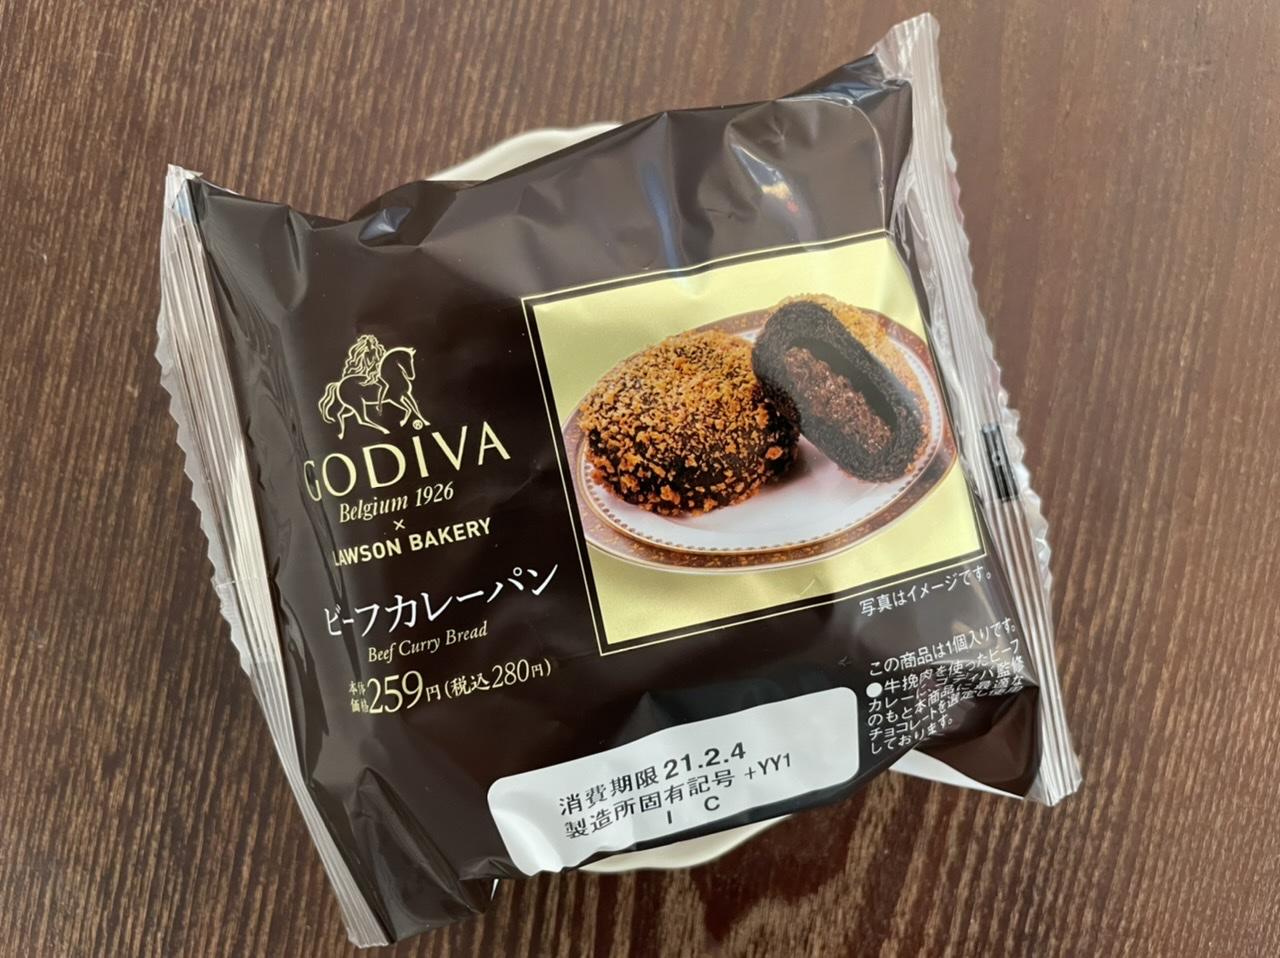 """【コンビニ】GODIVA×ローソンが実現した""""チョコレート×カレーパン""""を実食!_1"""